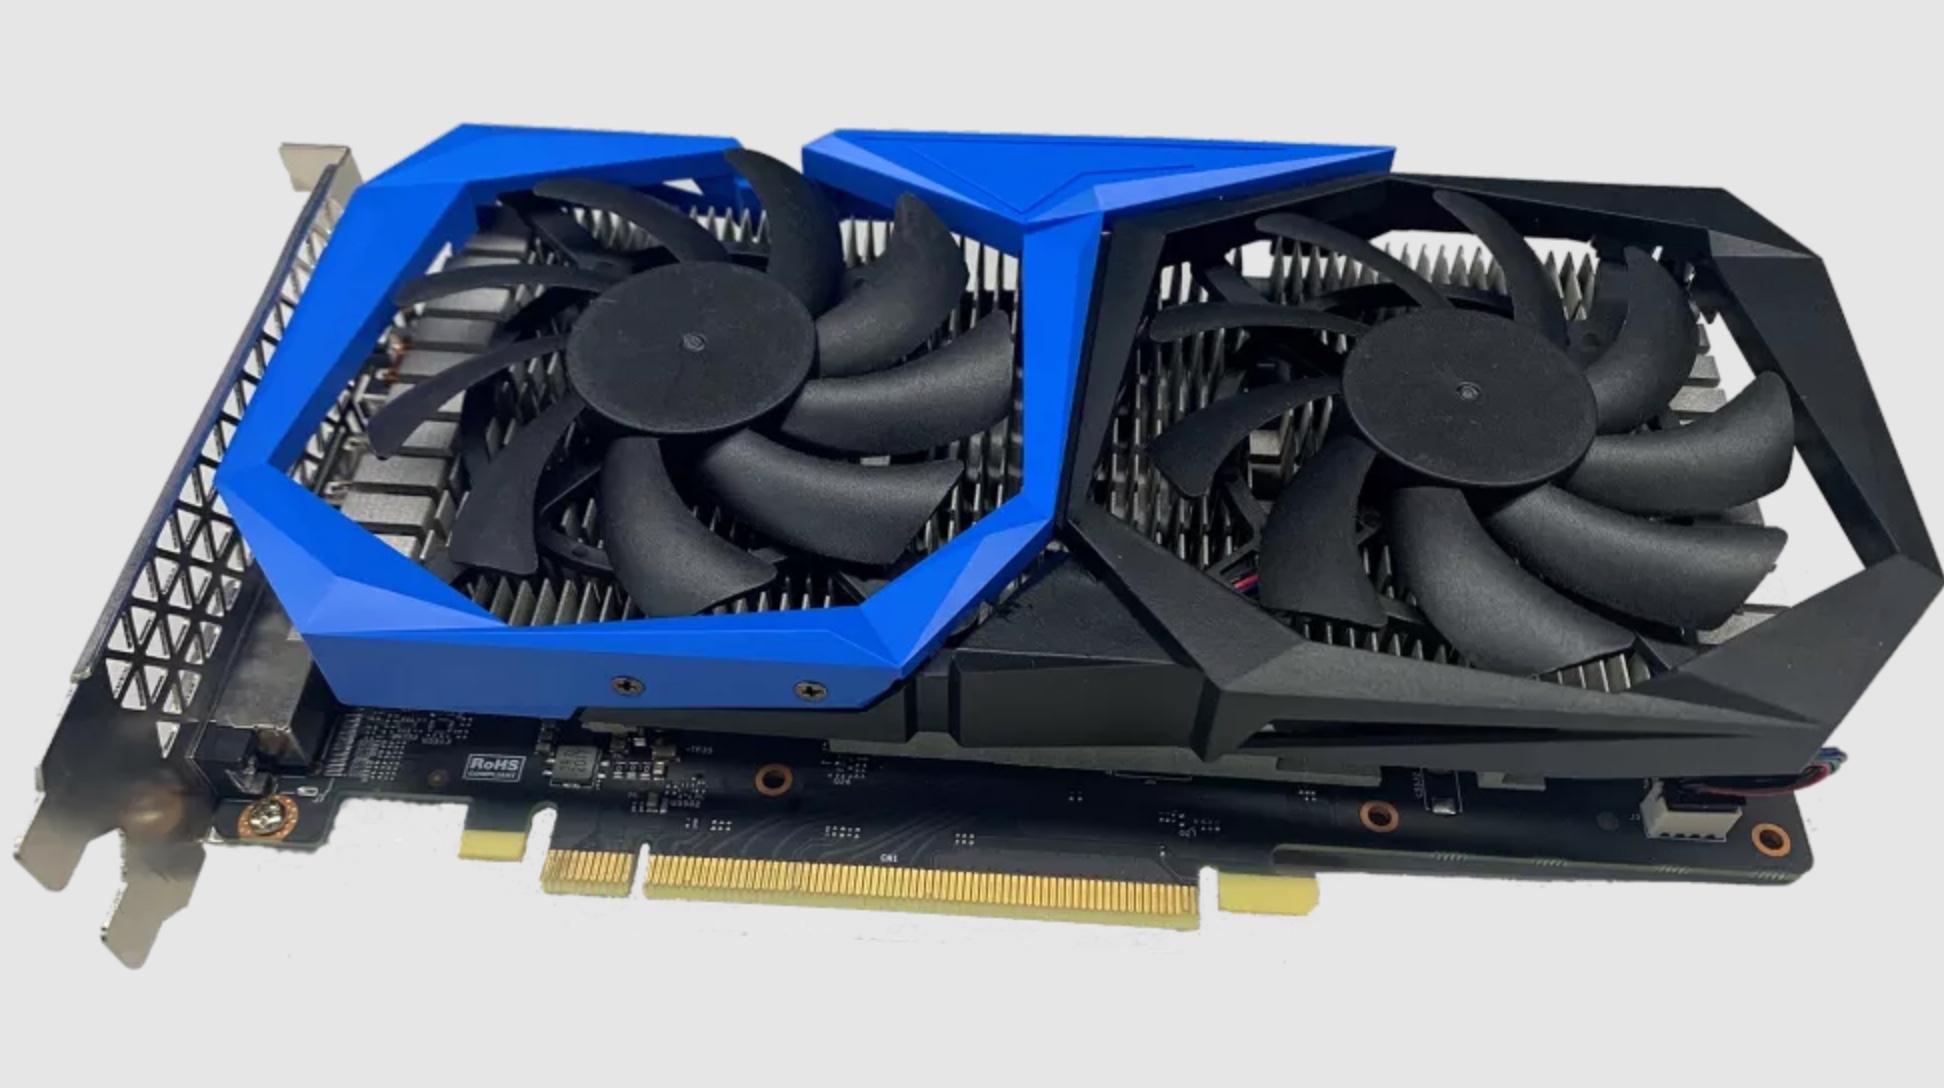 Intel donne le coup d'envoi au lancement de ses GPU Iris Xe pour PC de bureau, mais les réserve aux OEM – Ici le modèle conçu par Colorful